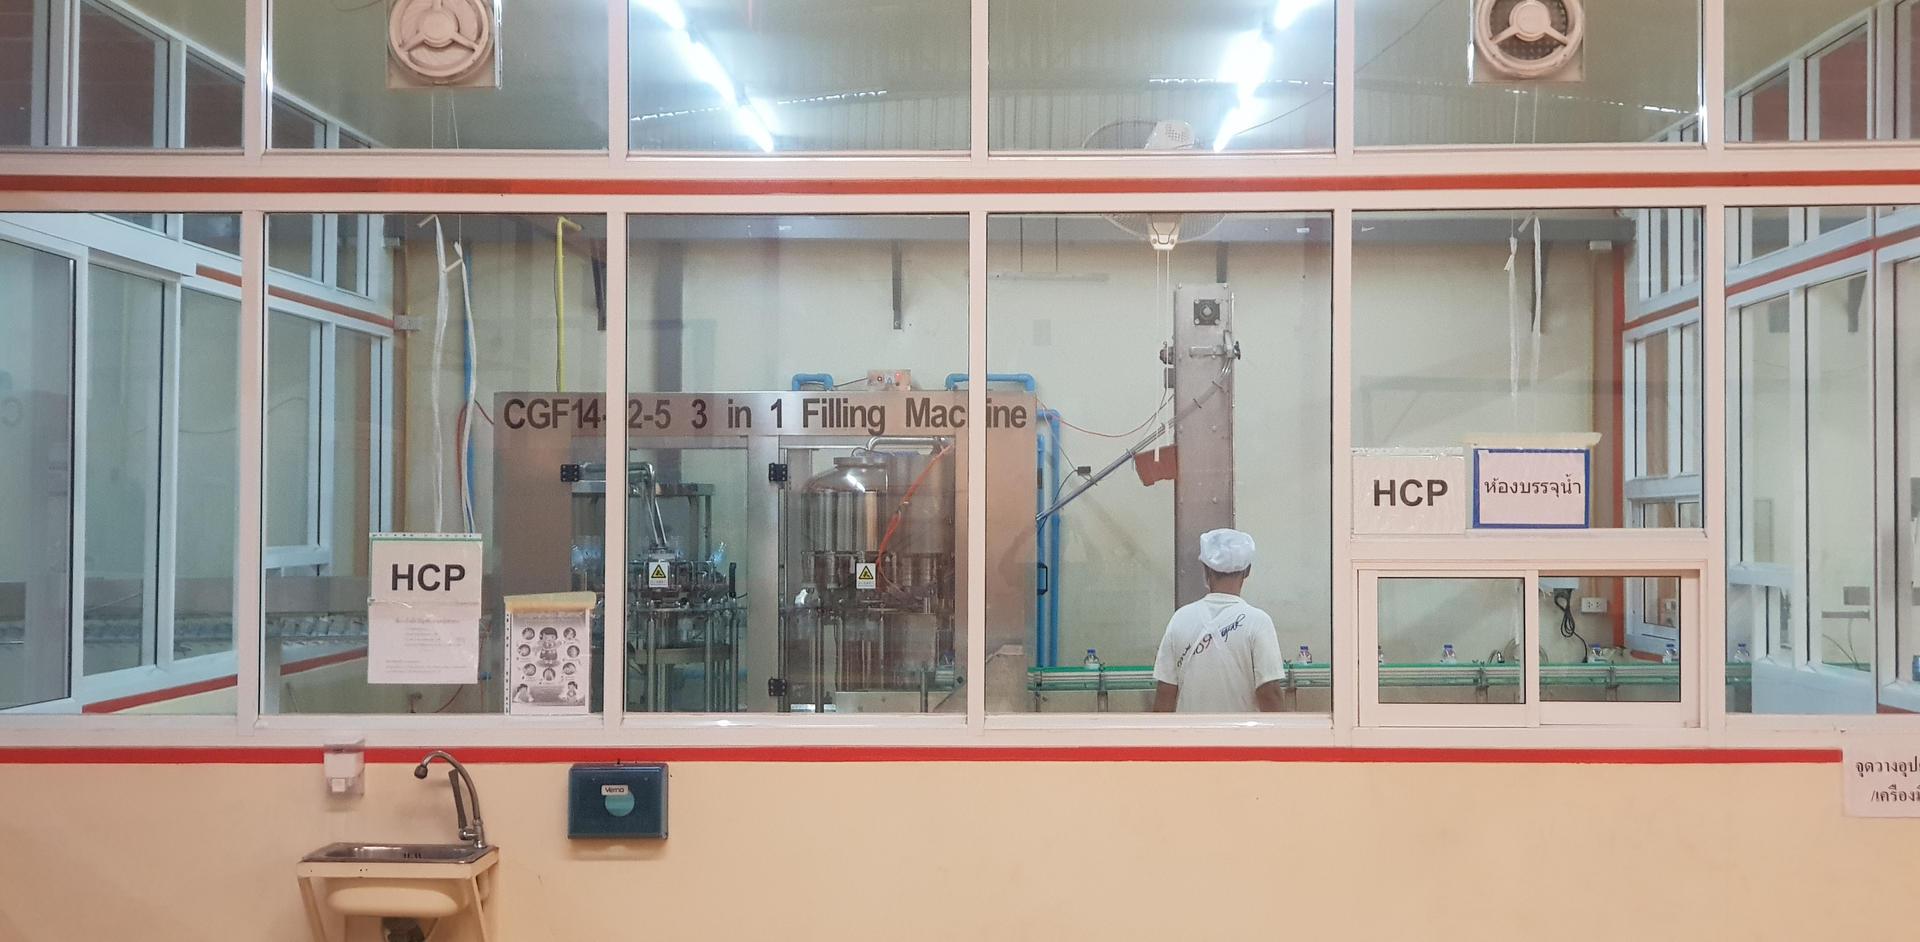 ห้องสะอาด บรรจุน้ำดื่ม โรงงานผลิตน้ำดื่ม Lifeplus Water